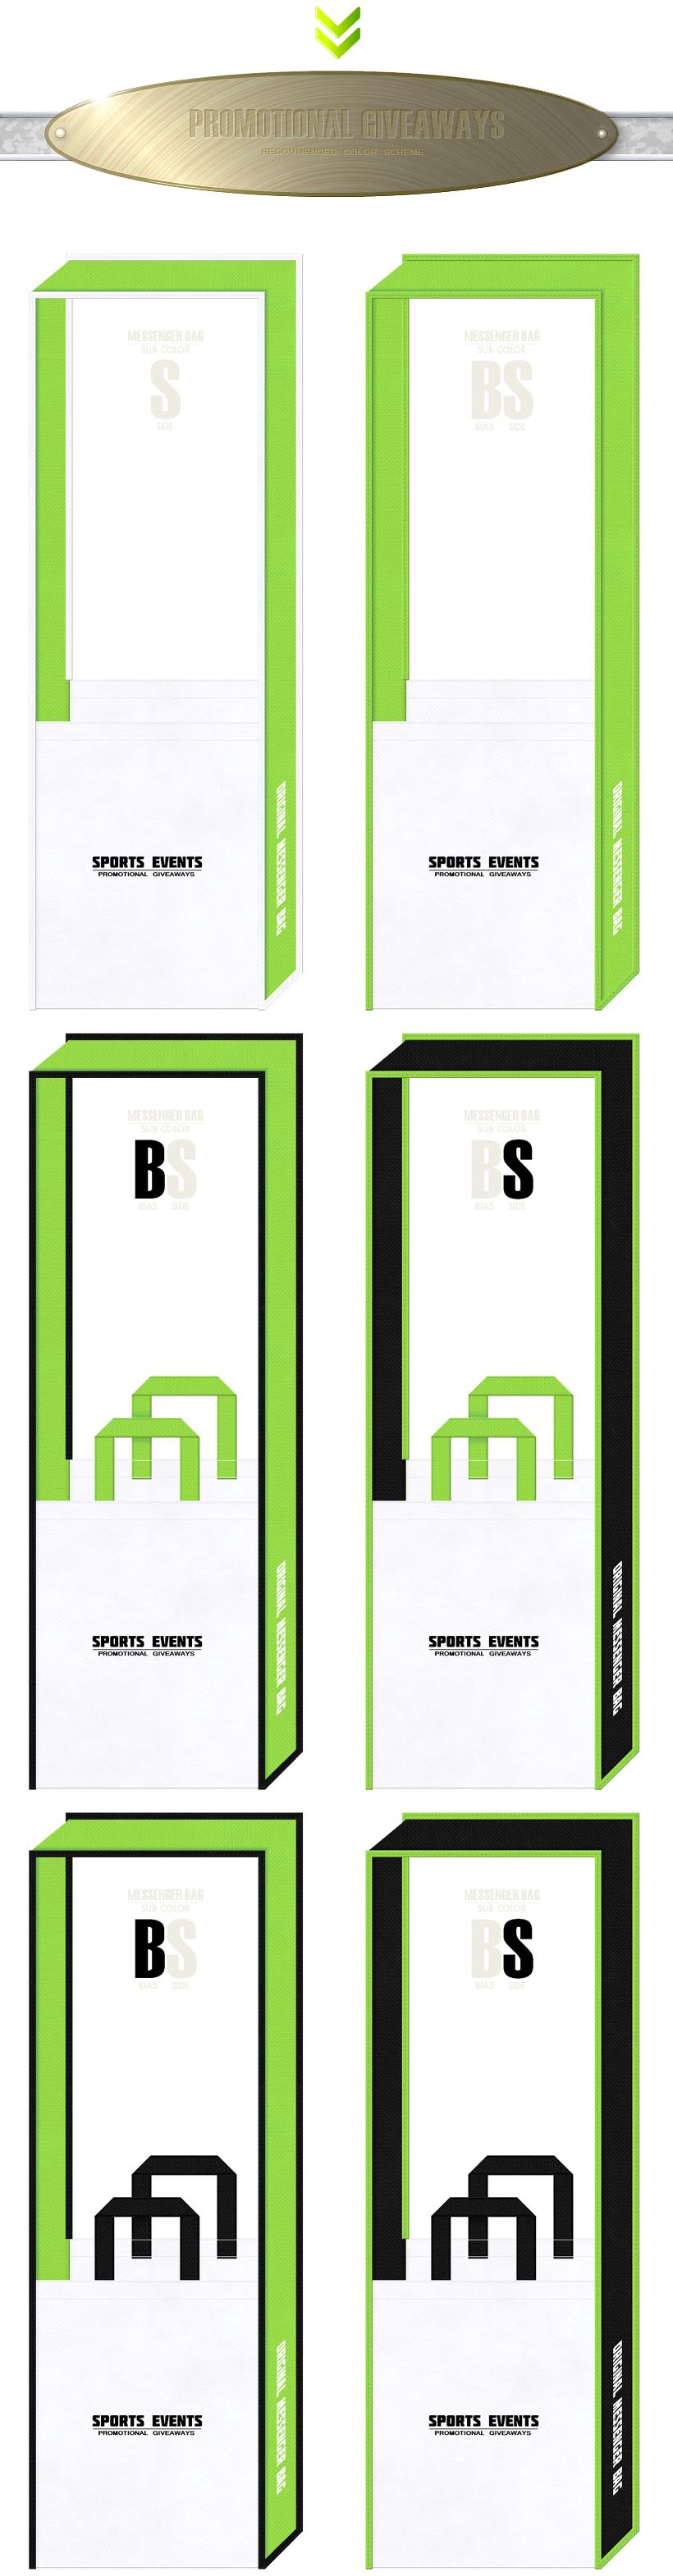 白色と黄緑色をメインに使用した、不織布メッセンジャーバッグのカラーシミュレーション:ロードレース・スポーツイベントのノベルティ